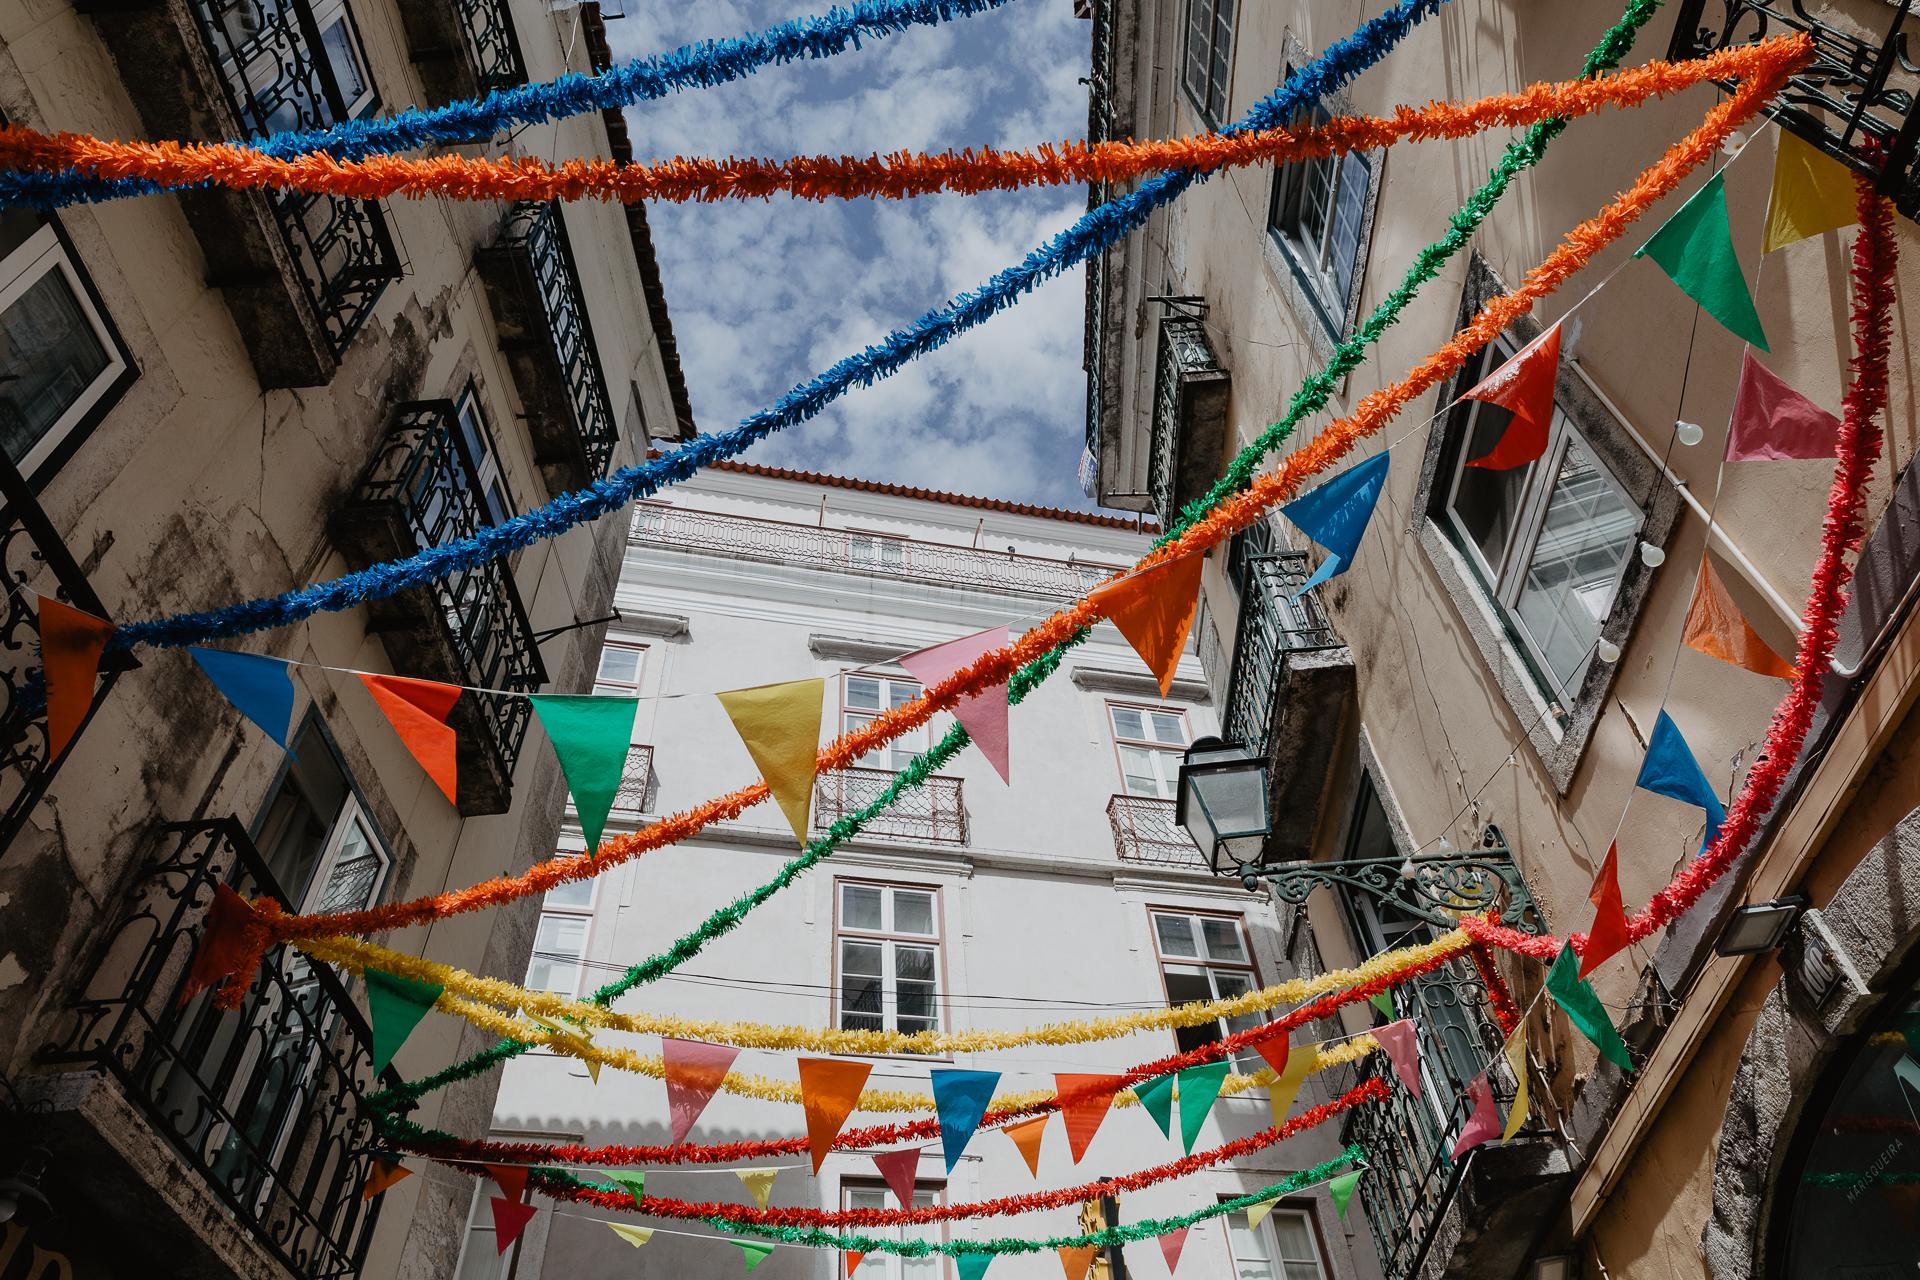 Sehenswürdigkeiten Highlight in Lissabon alfama